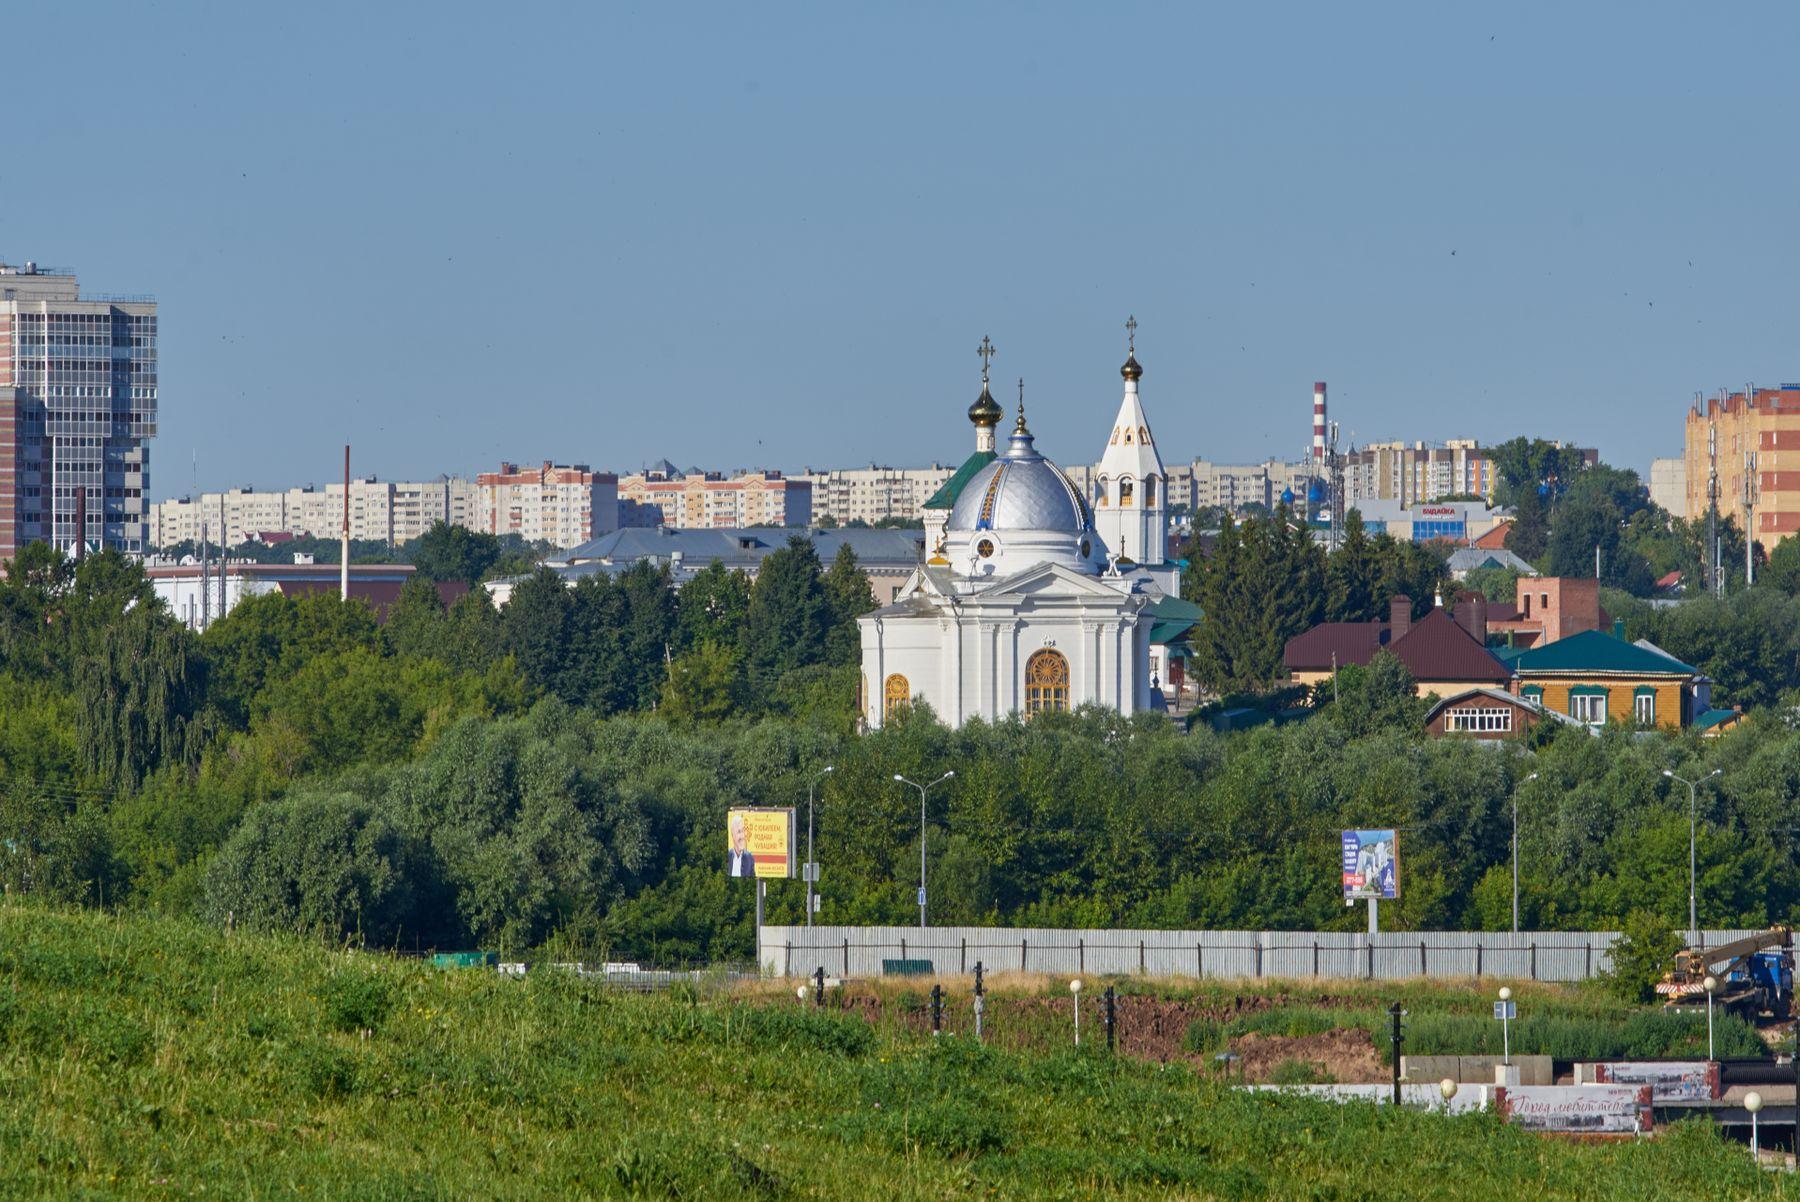 Чебоксары накануне Петрова дня. Петров день церковь монастырь